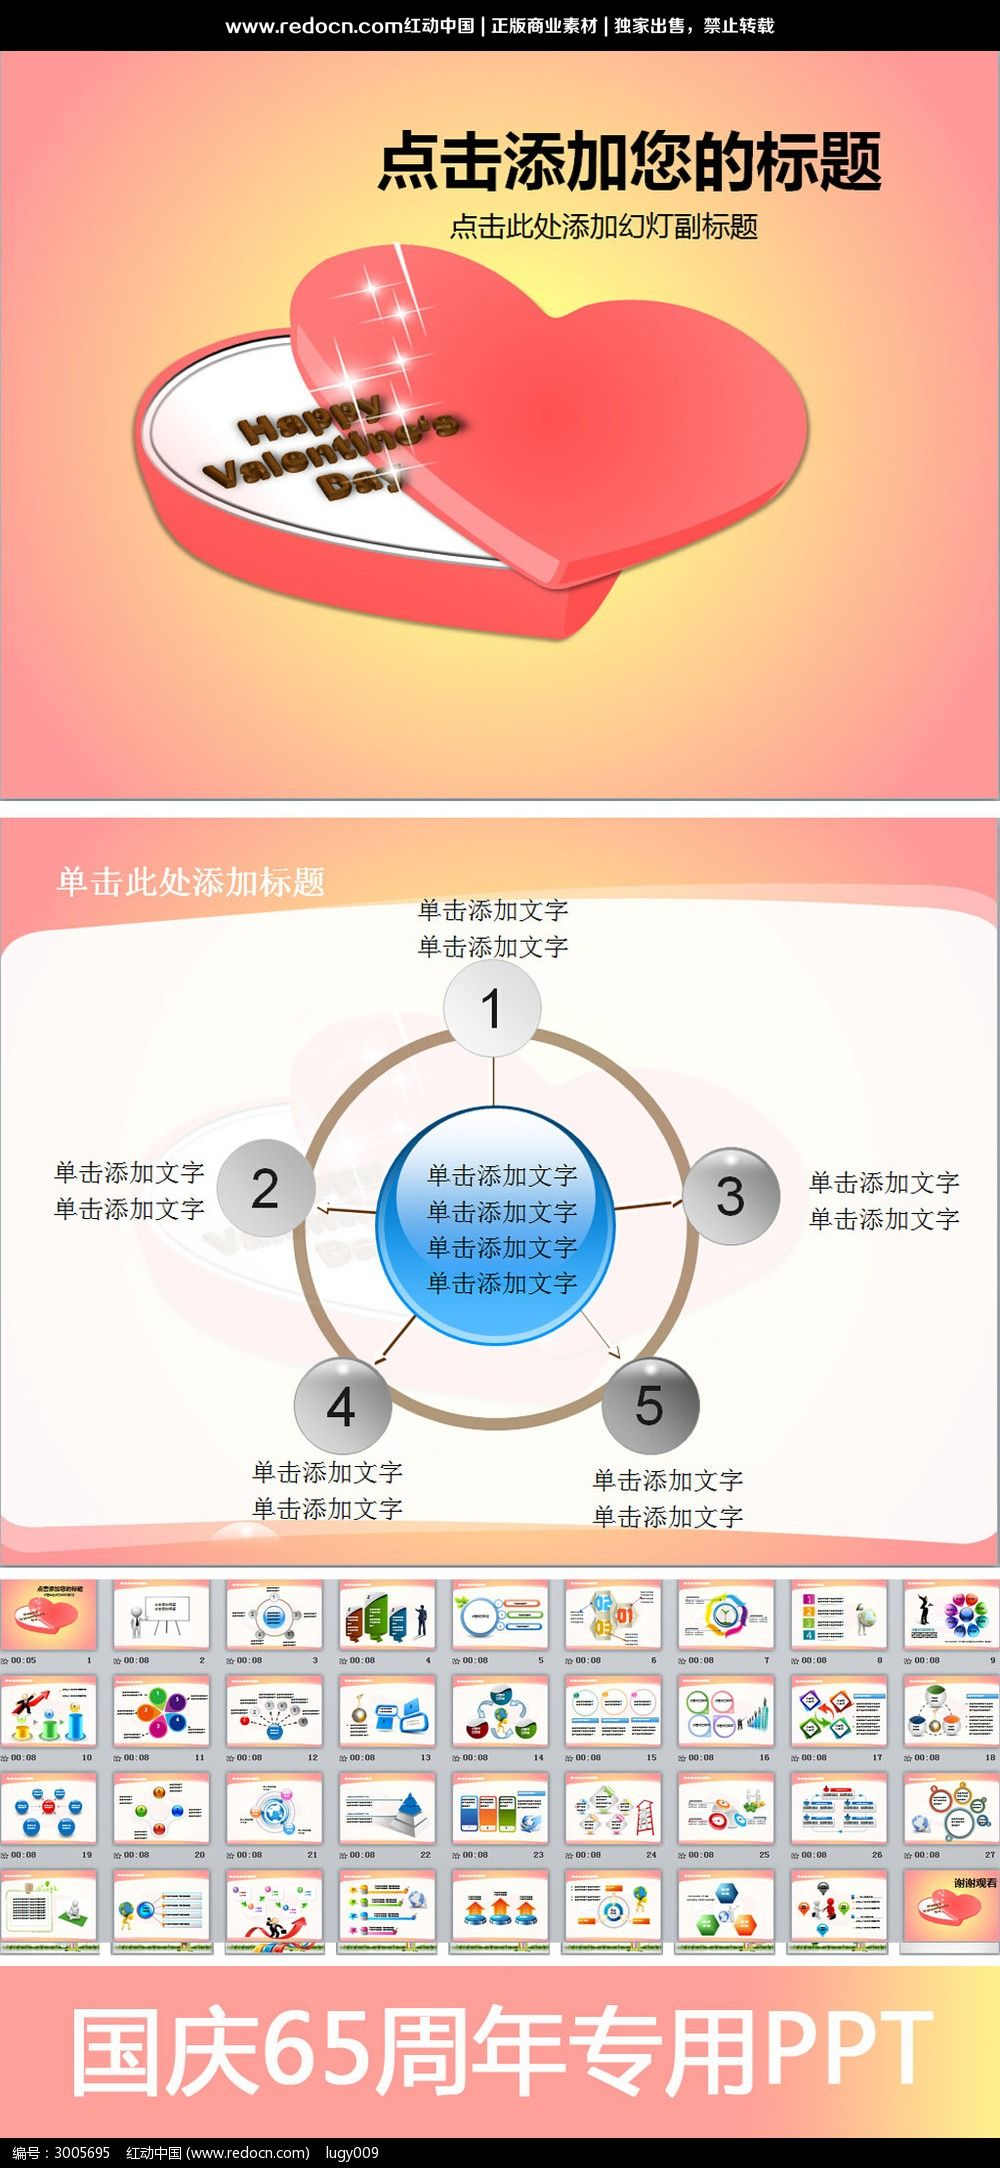 爱情婚庆ppt模板pptx素材下载_婚庆活动ppt设计图片